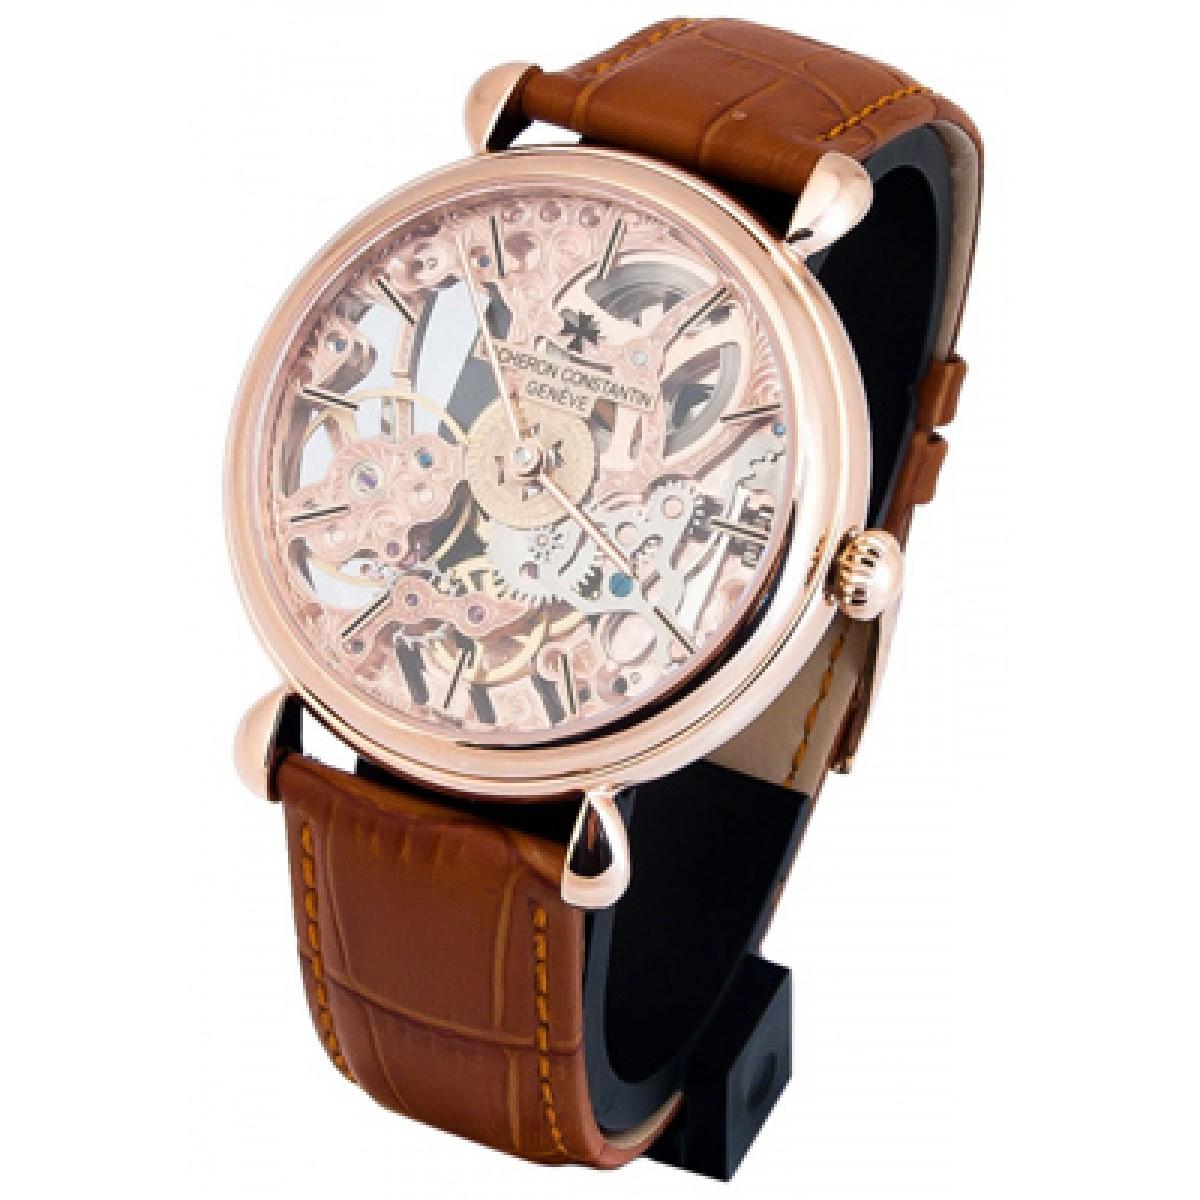 e9687a34d15 ... Esqueleto Rose Gold Edition Limited. Relógio Réplicas Vacheron  Constantin